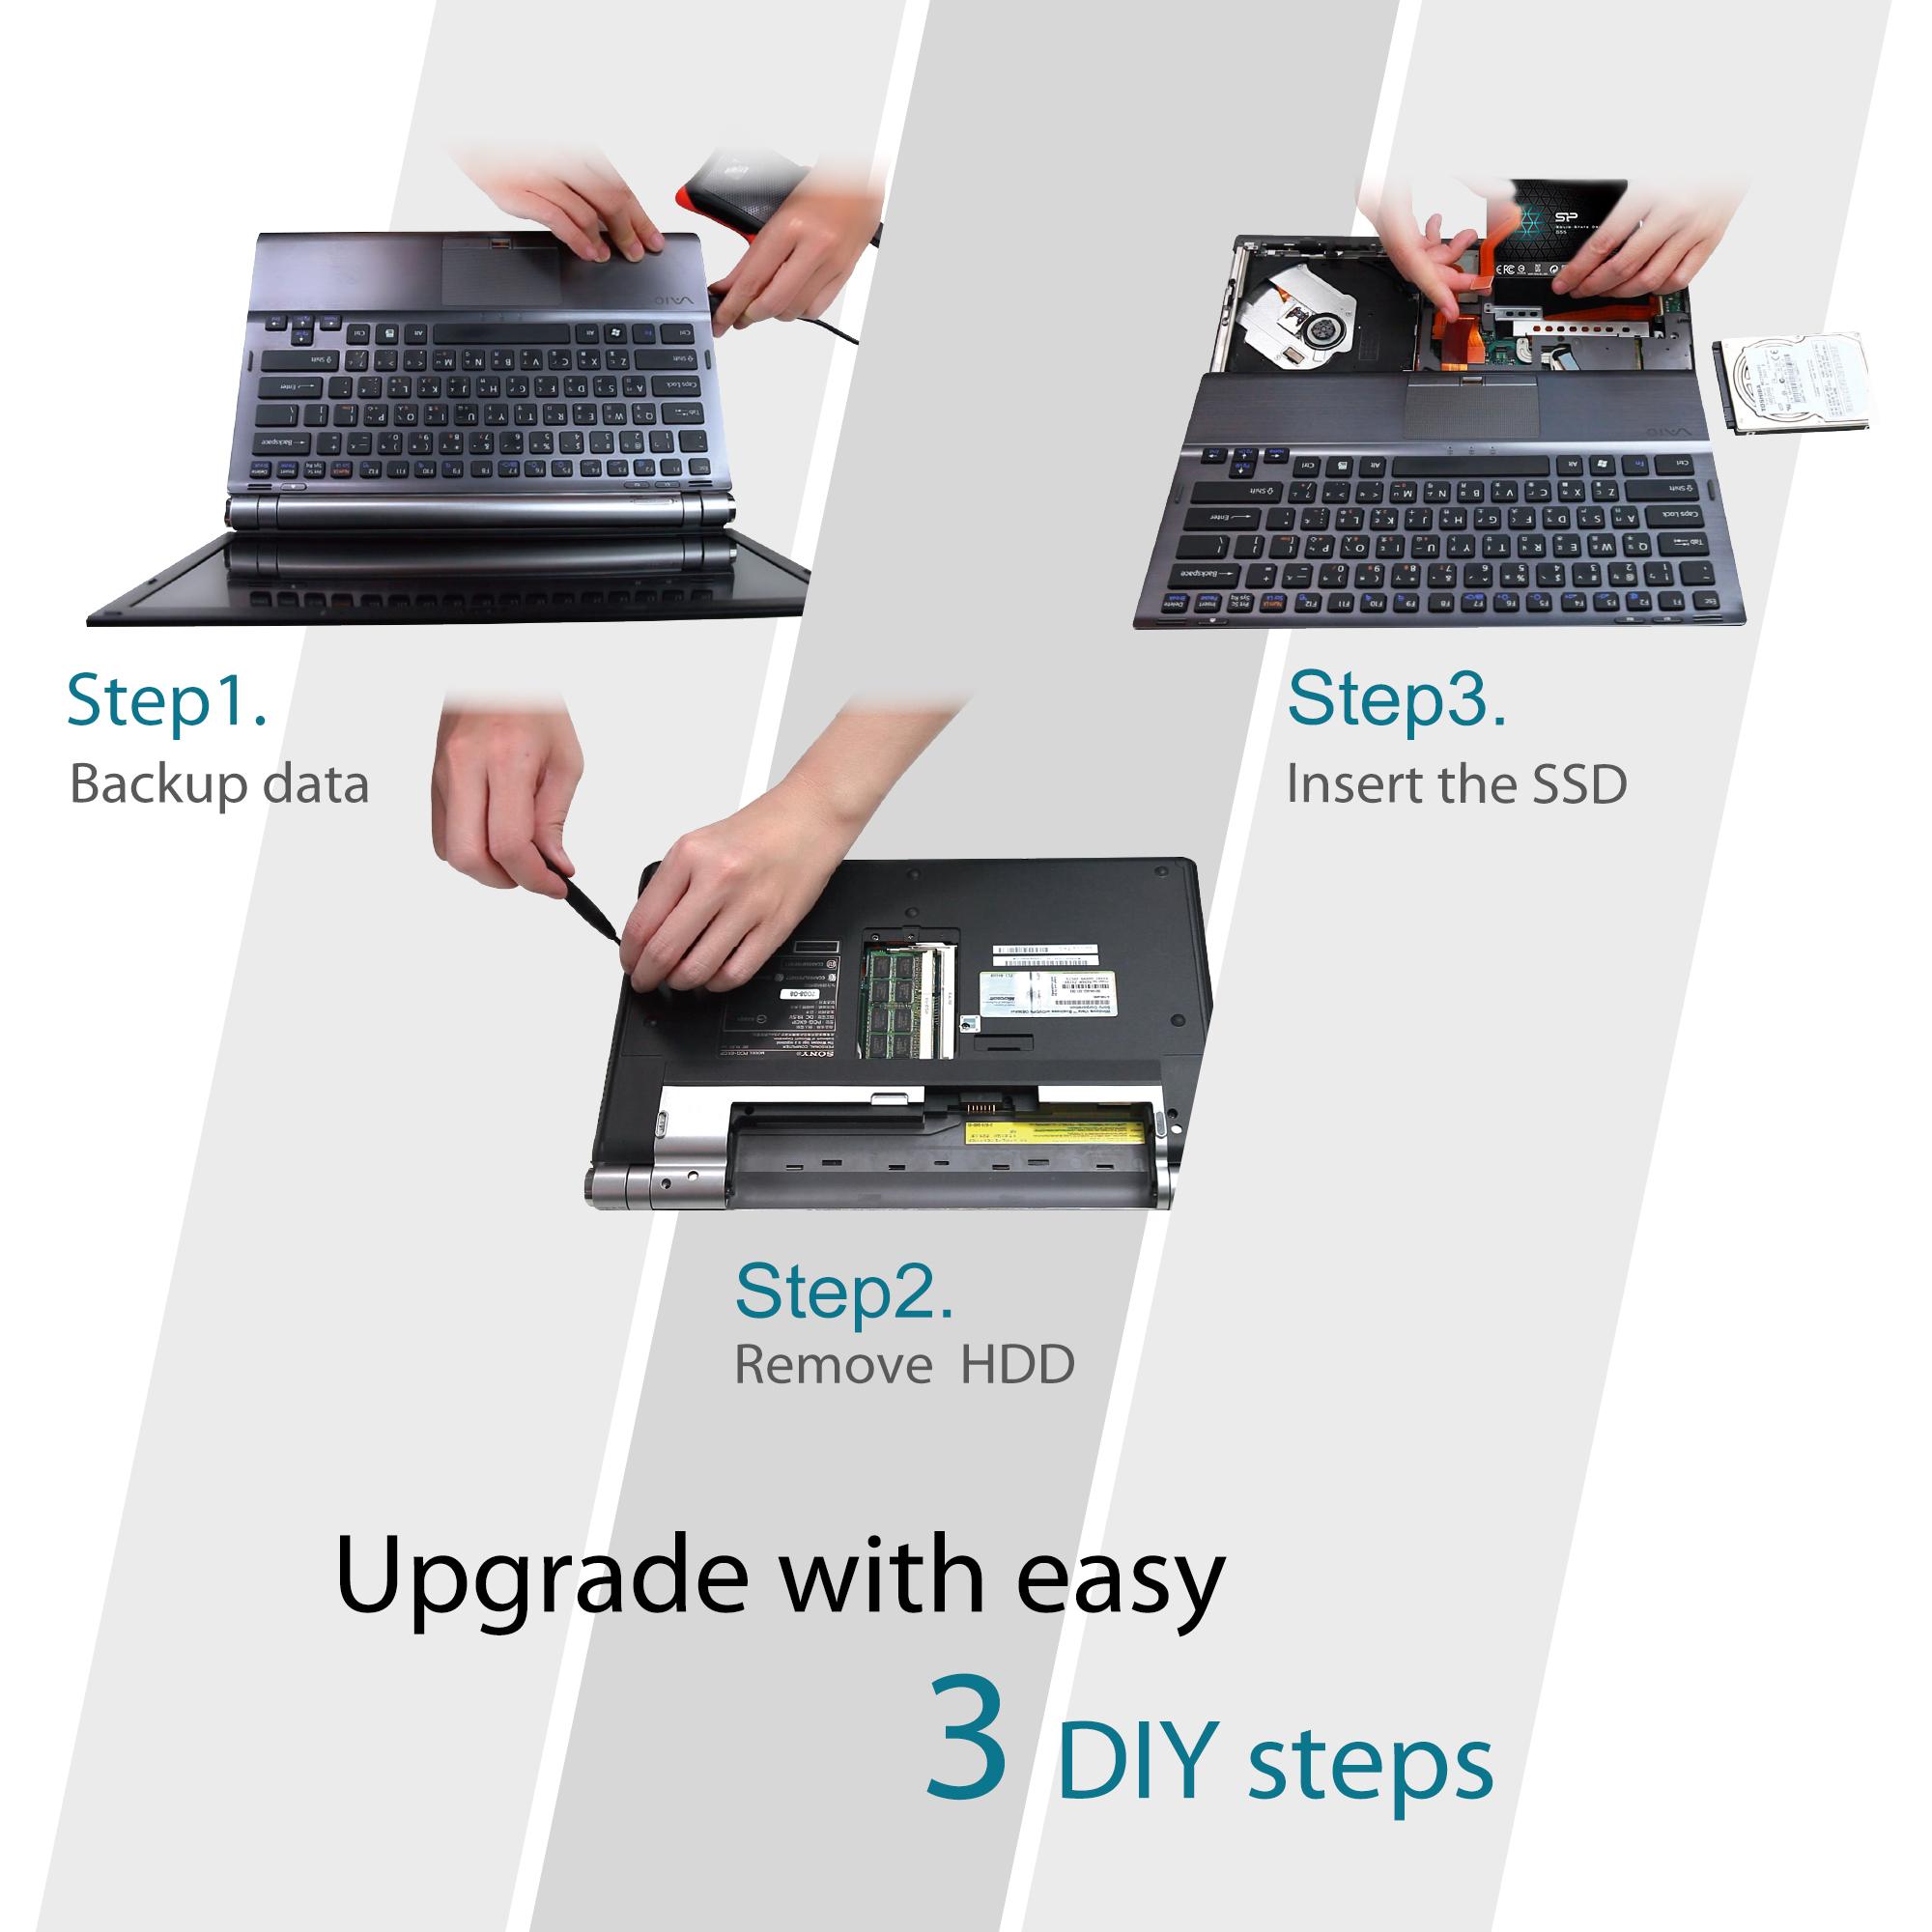 120GB-Silicon-Power-SATA3-SSD-S55-2-5-034-TLC-Slim-7mm-read-write-520-370MB-sec thumbnail 4